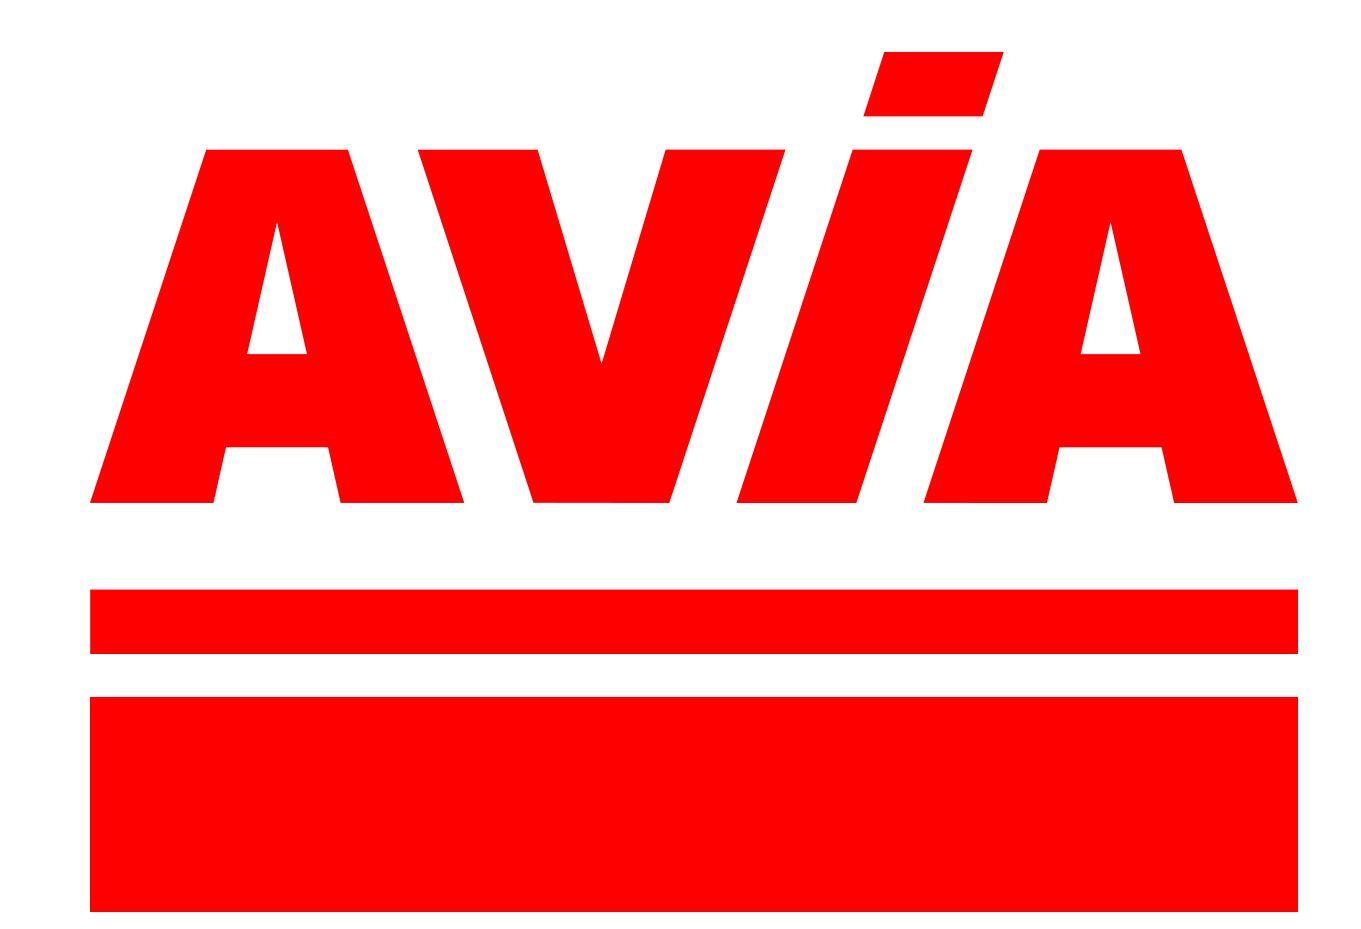 AVIA logo color 02